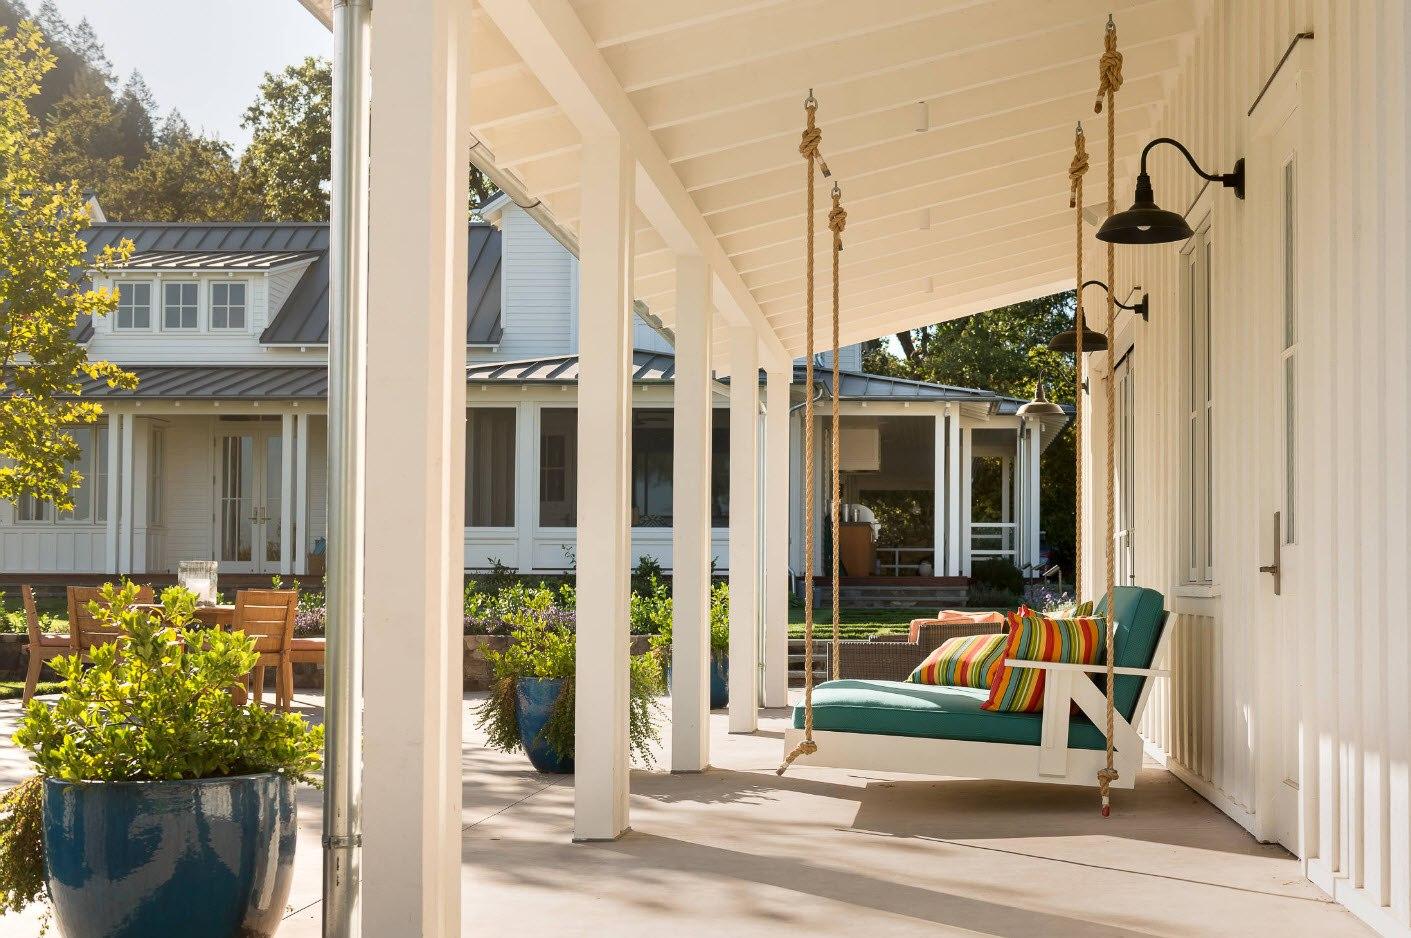 фото дома с навесной террасой комфортное жильё